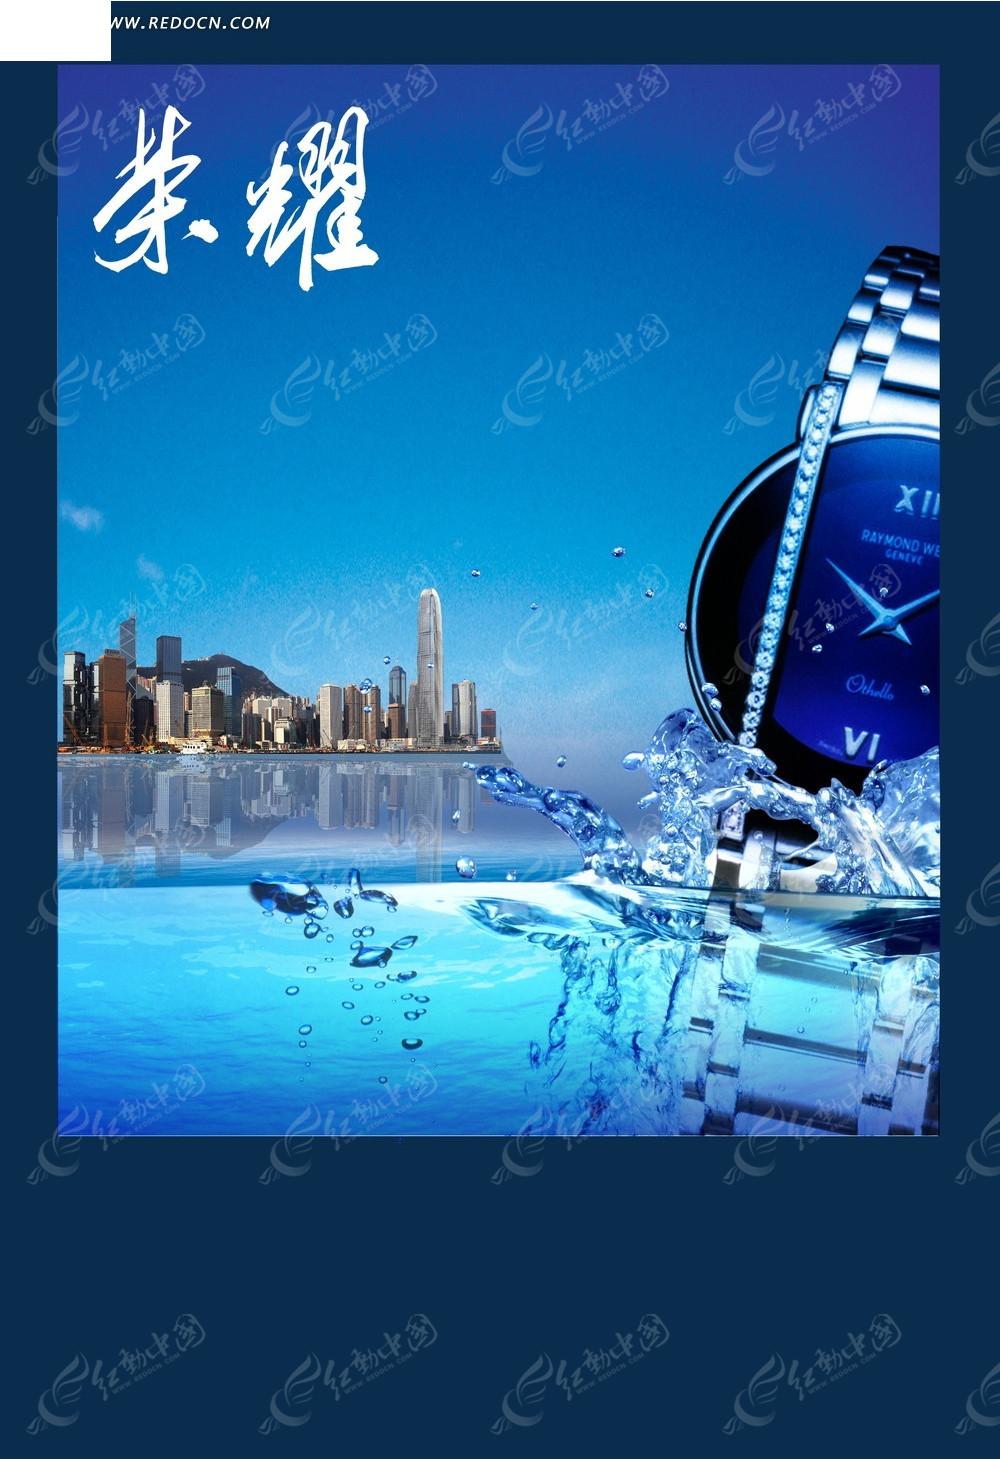 免费素材 psd素材 psd广告设计模板 饮品广告 荣耀蓝色调广告宣传海报